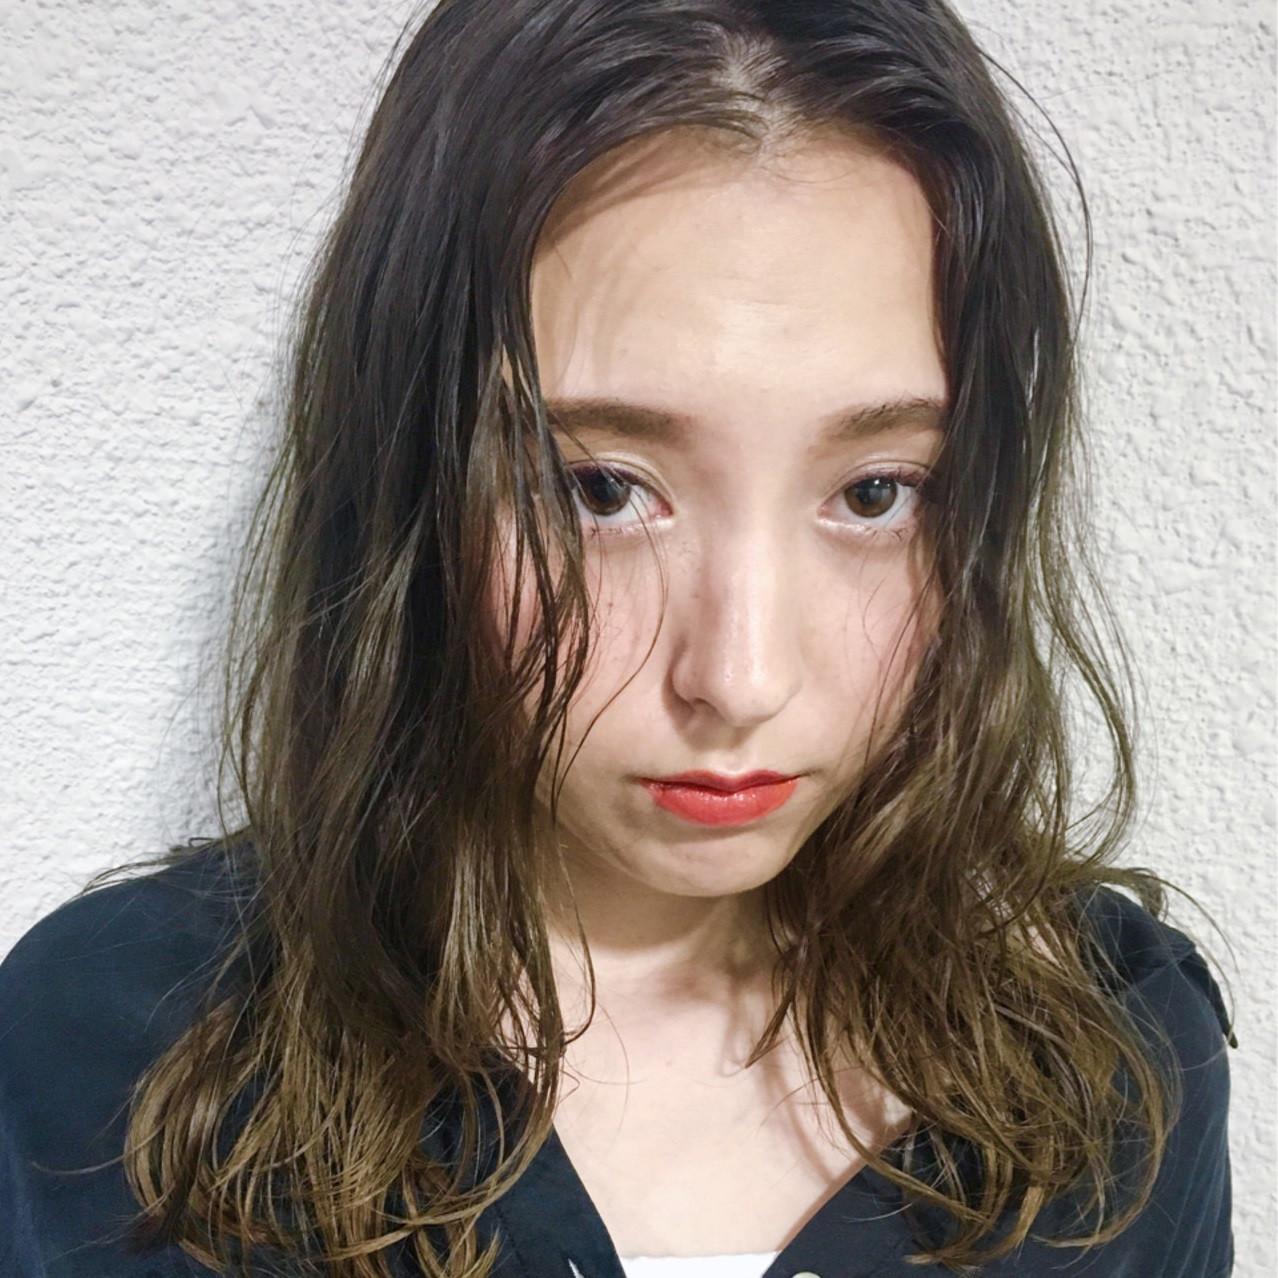 髪型をイメチェンしたい人必見!ガラッと印象が変わるおすすめヘアスタイル